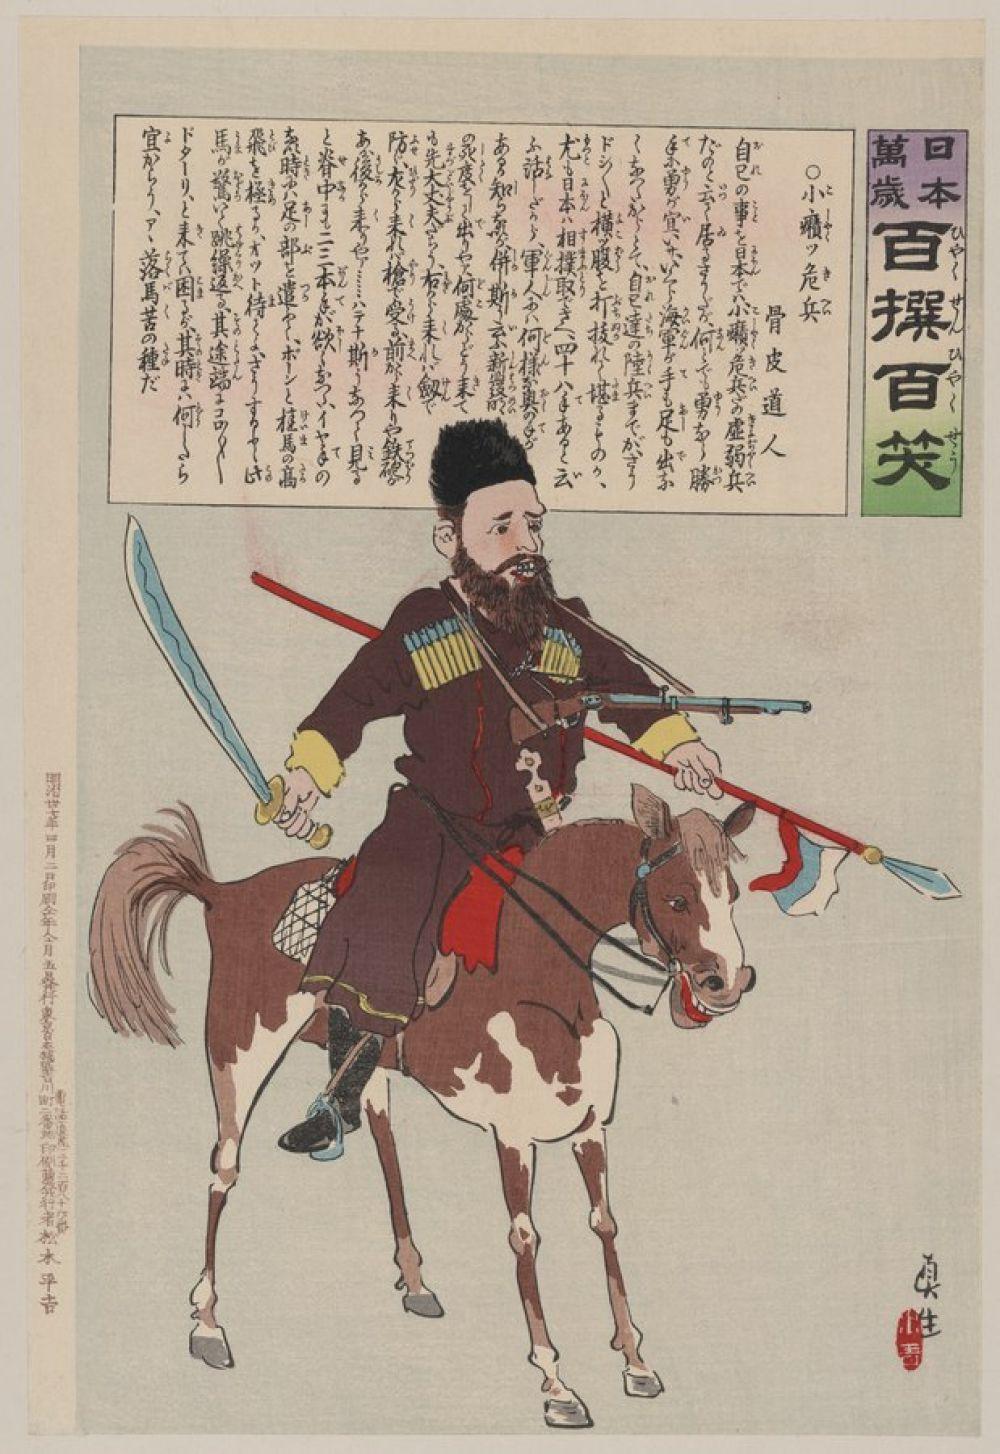 Японский плакат, изображающий русского солдата верхом на коне.